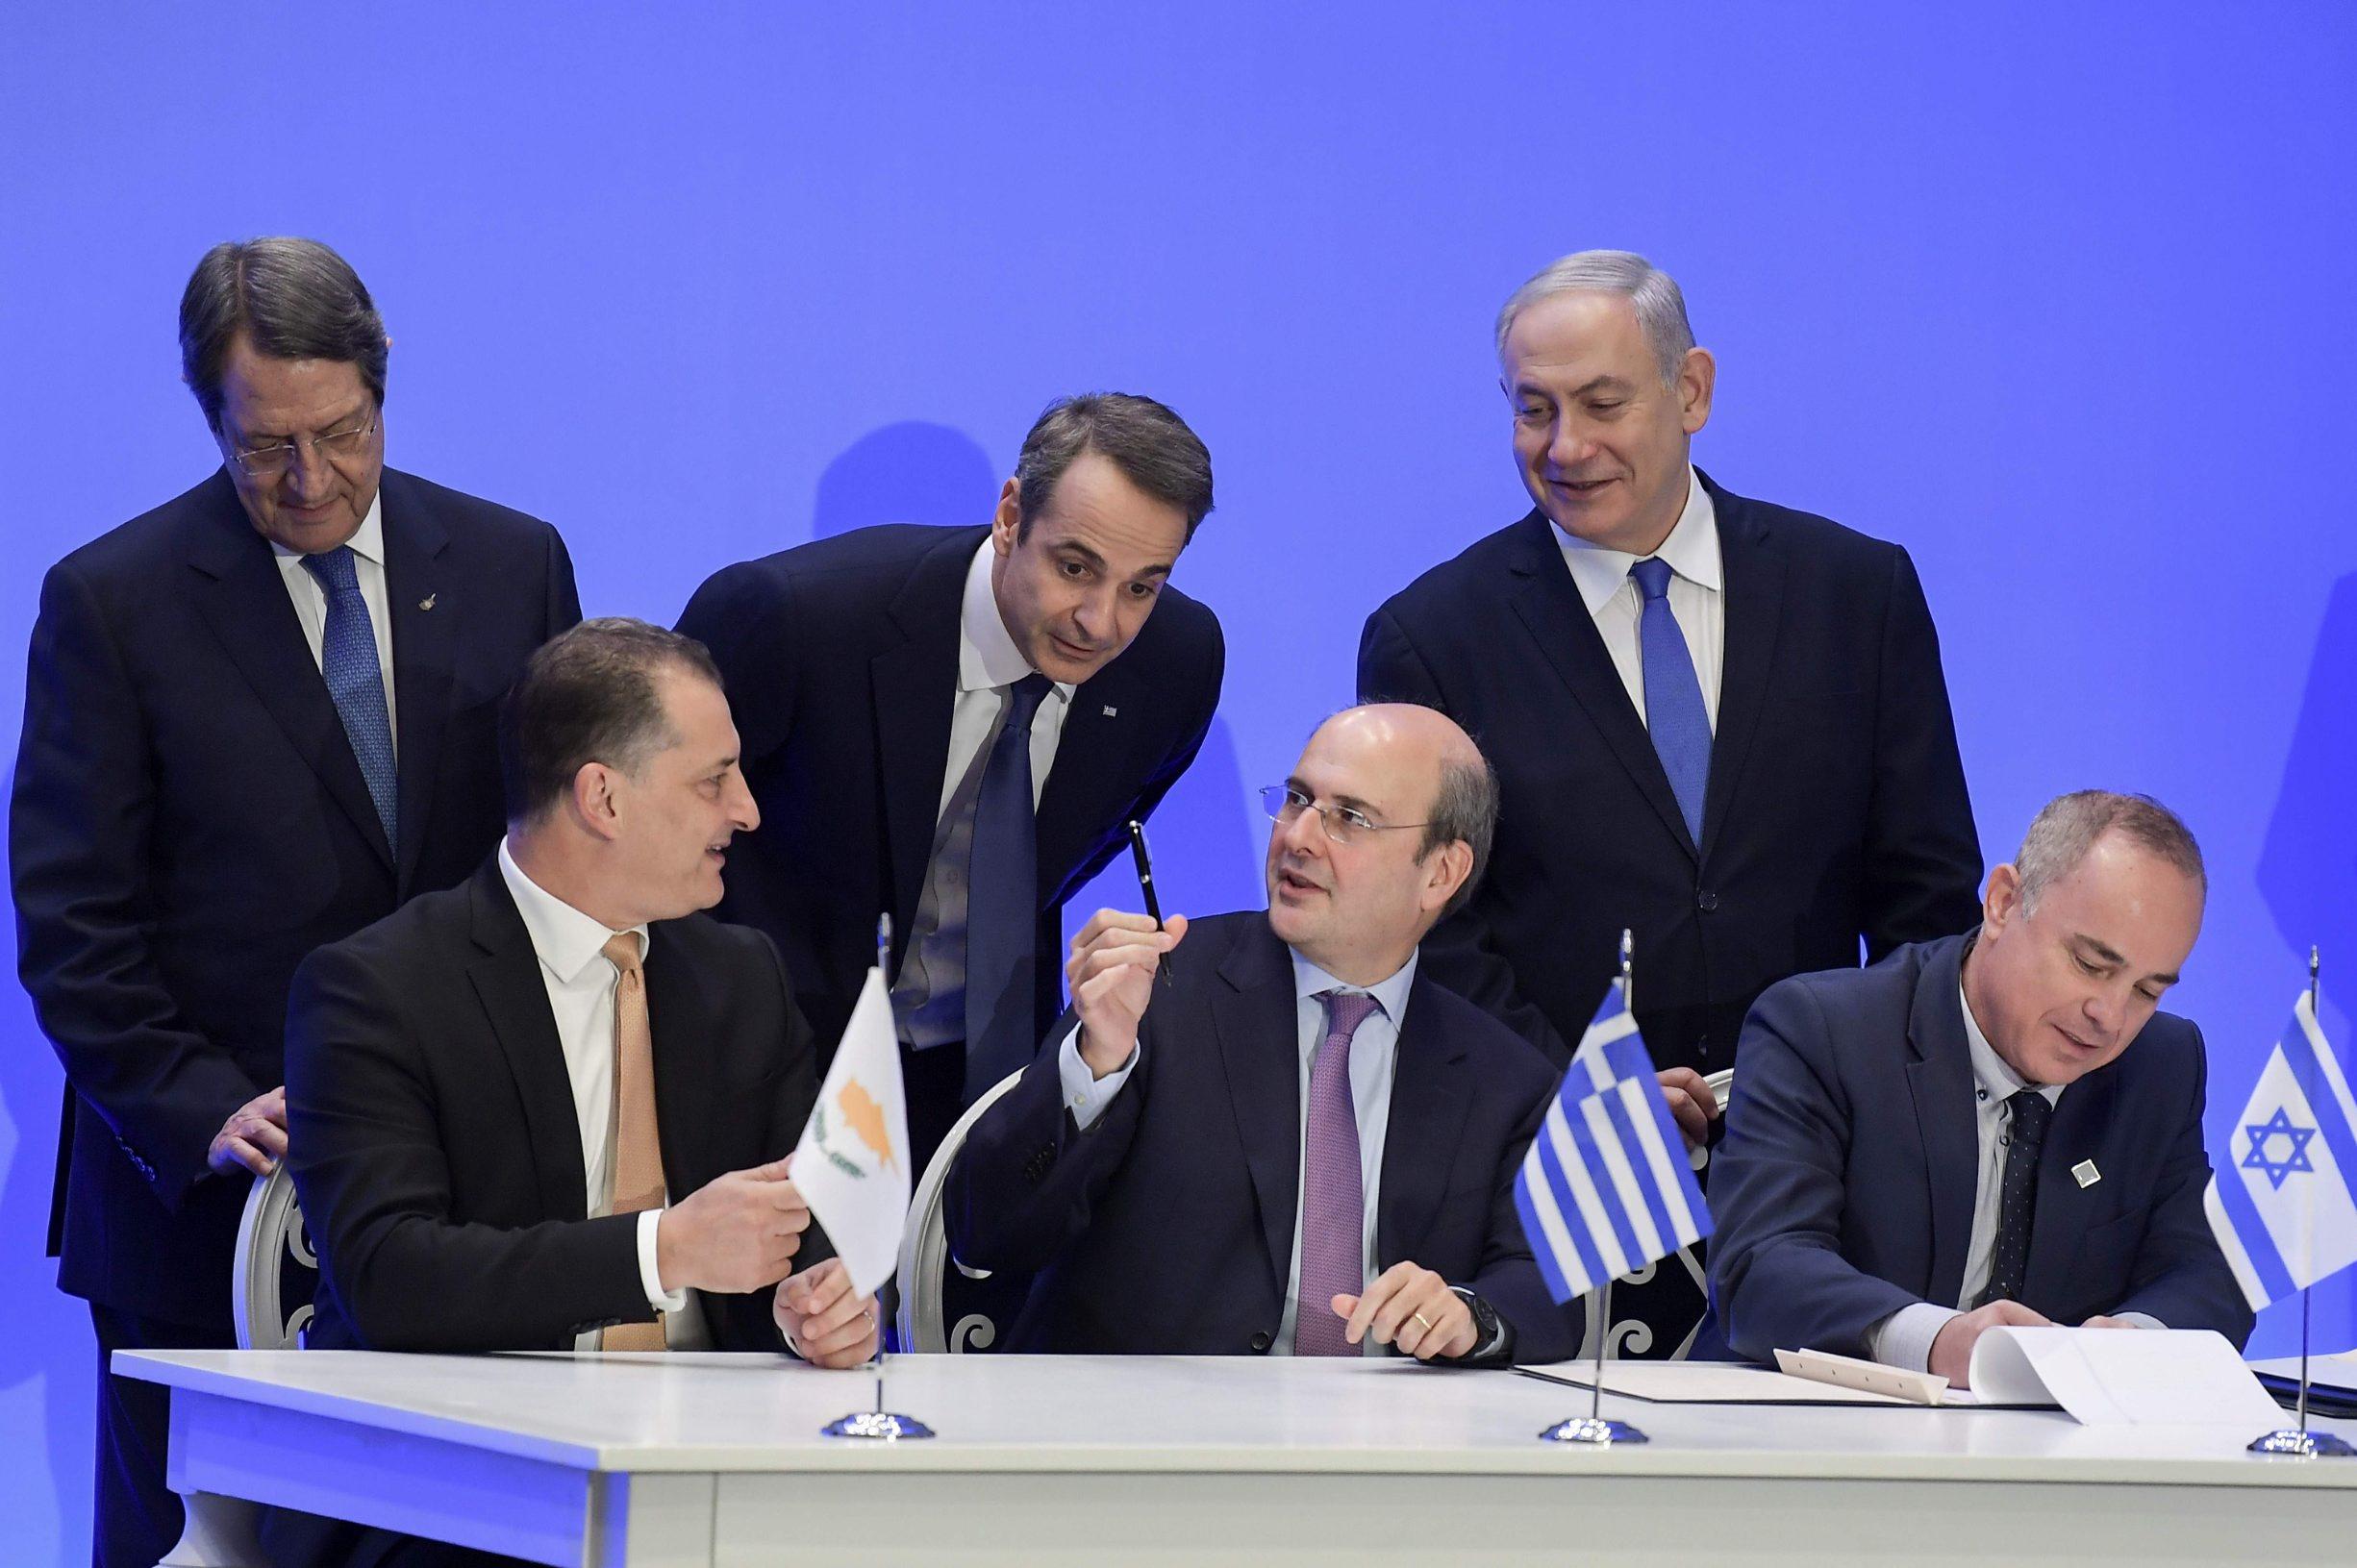 Grčka, Izrael i Cipar potpisali sporazum o izgradnji plinovoda East Med